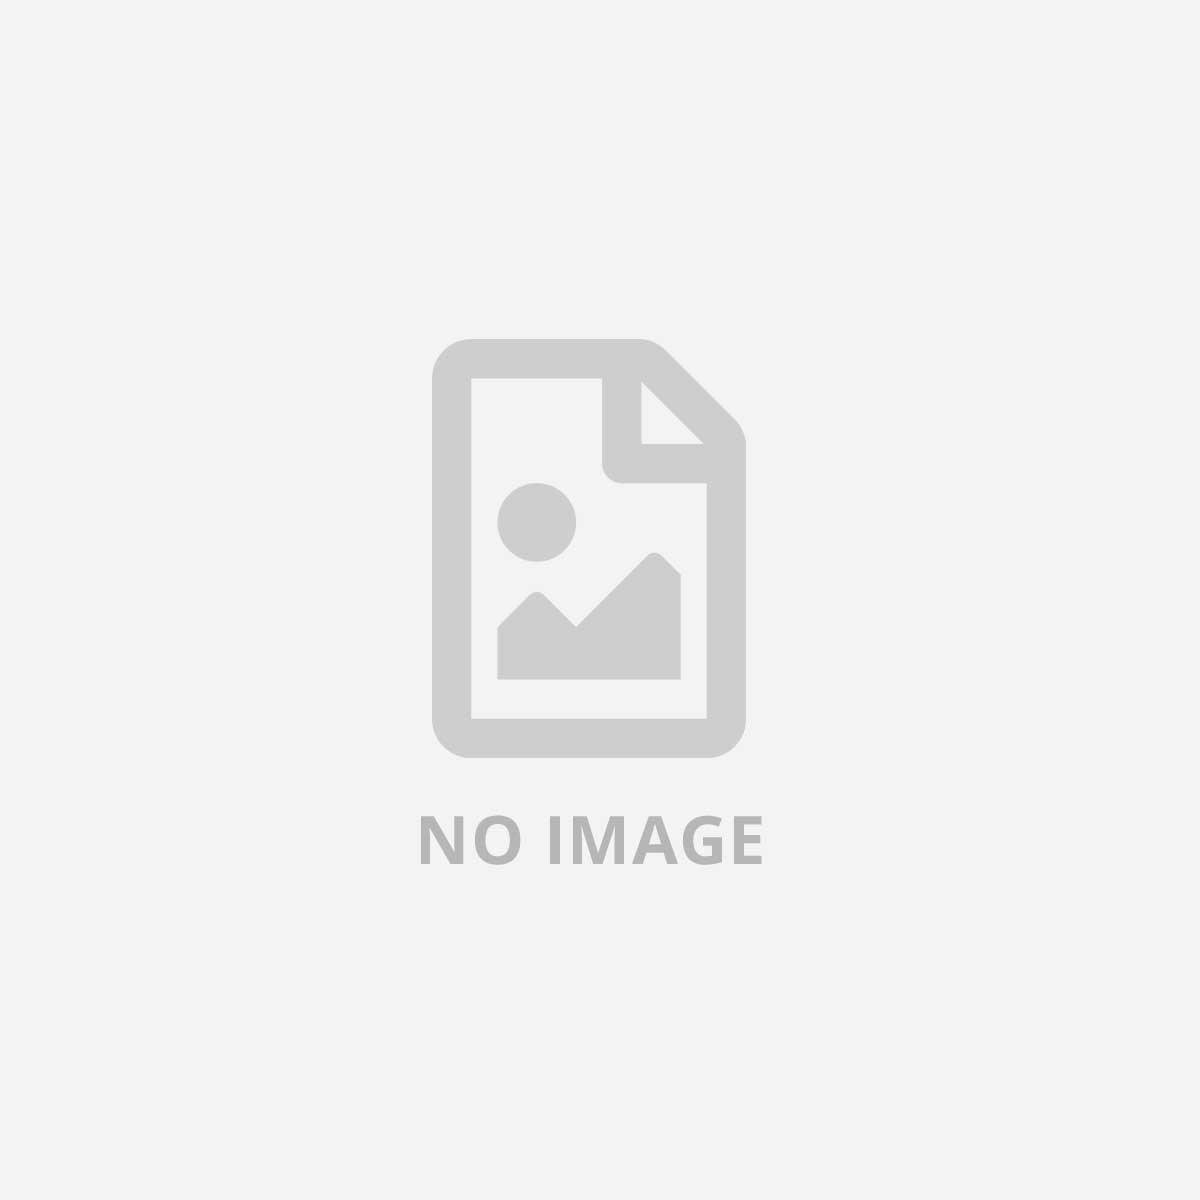 SA.BA.CART PLOTTER GR90 610X50 ANIMA 50